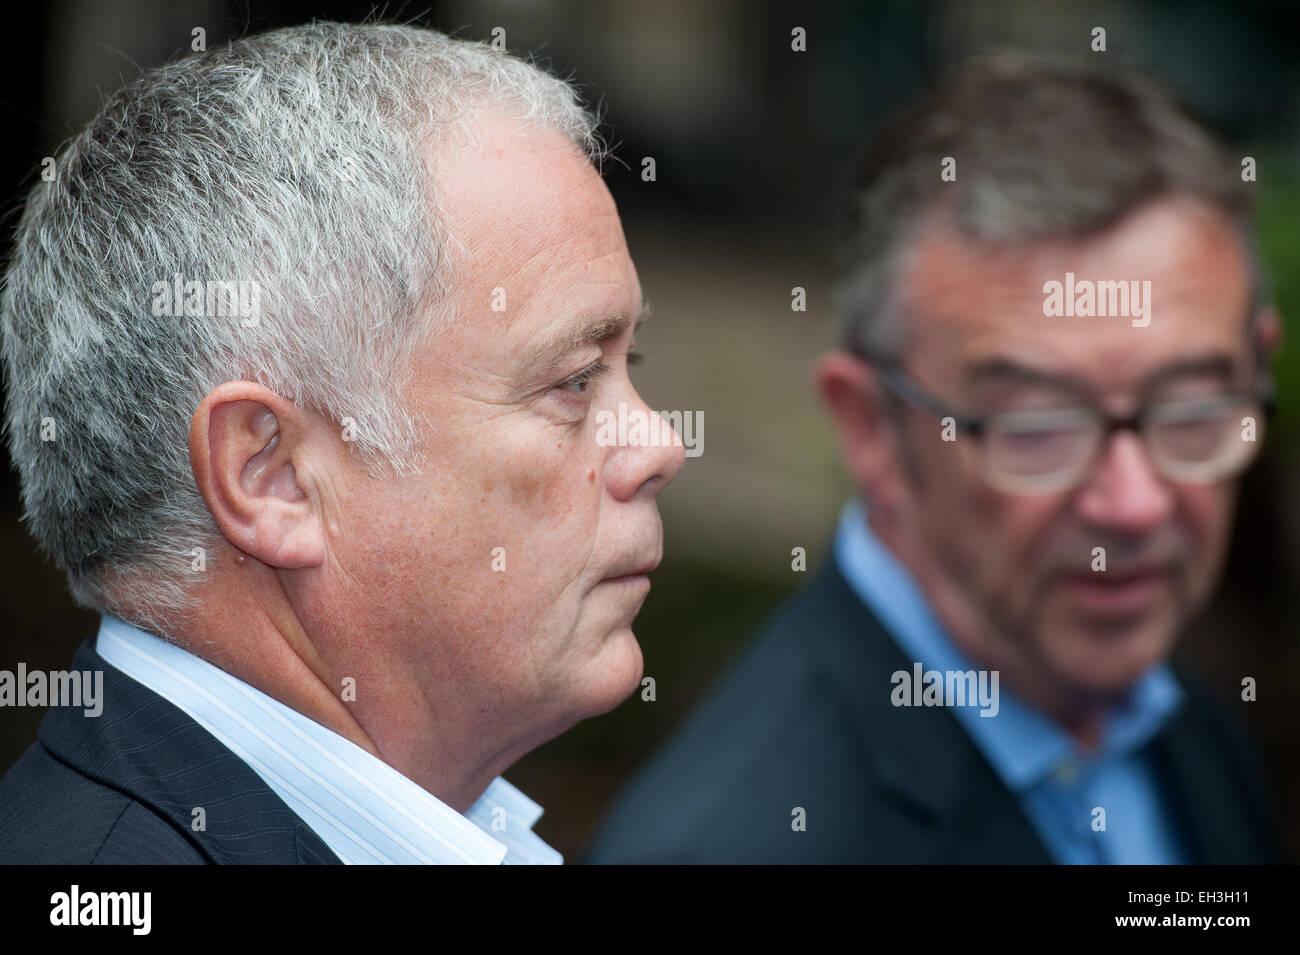 Former Royal Household manager Ron Harper arrives at Southwark